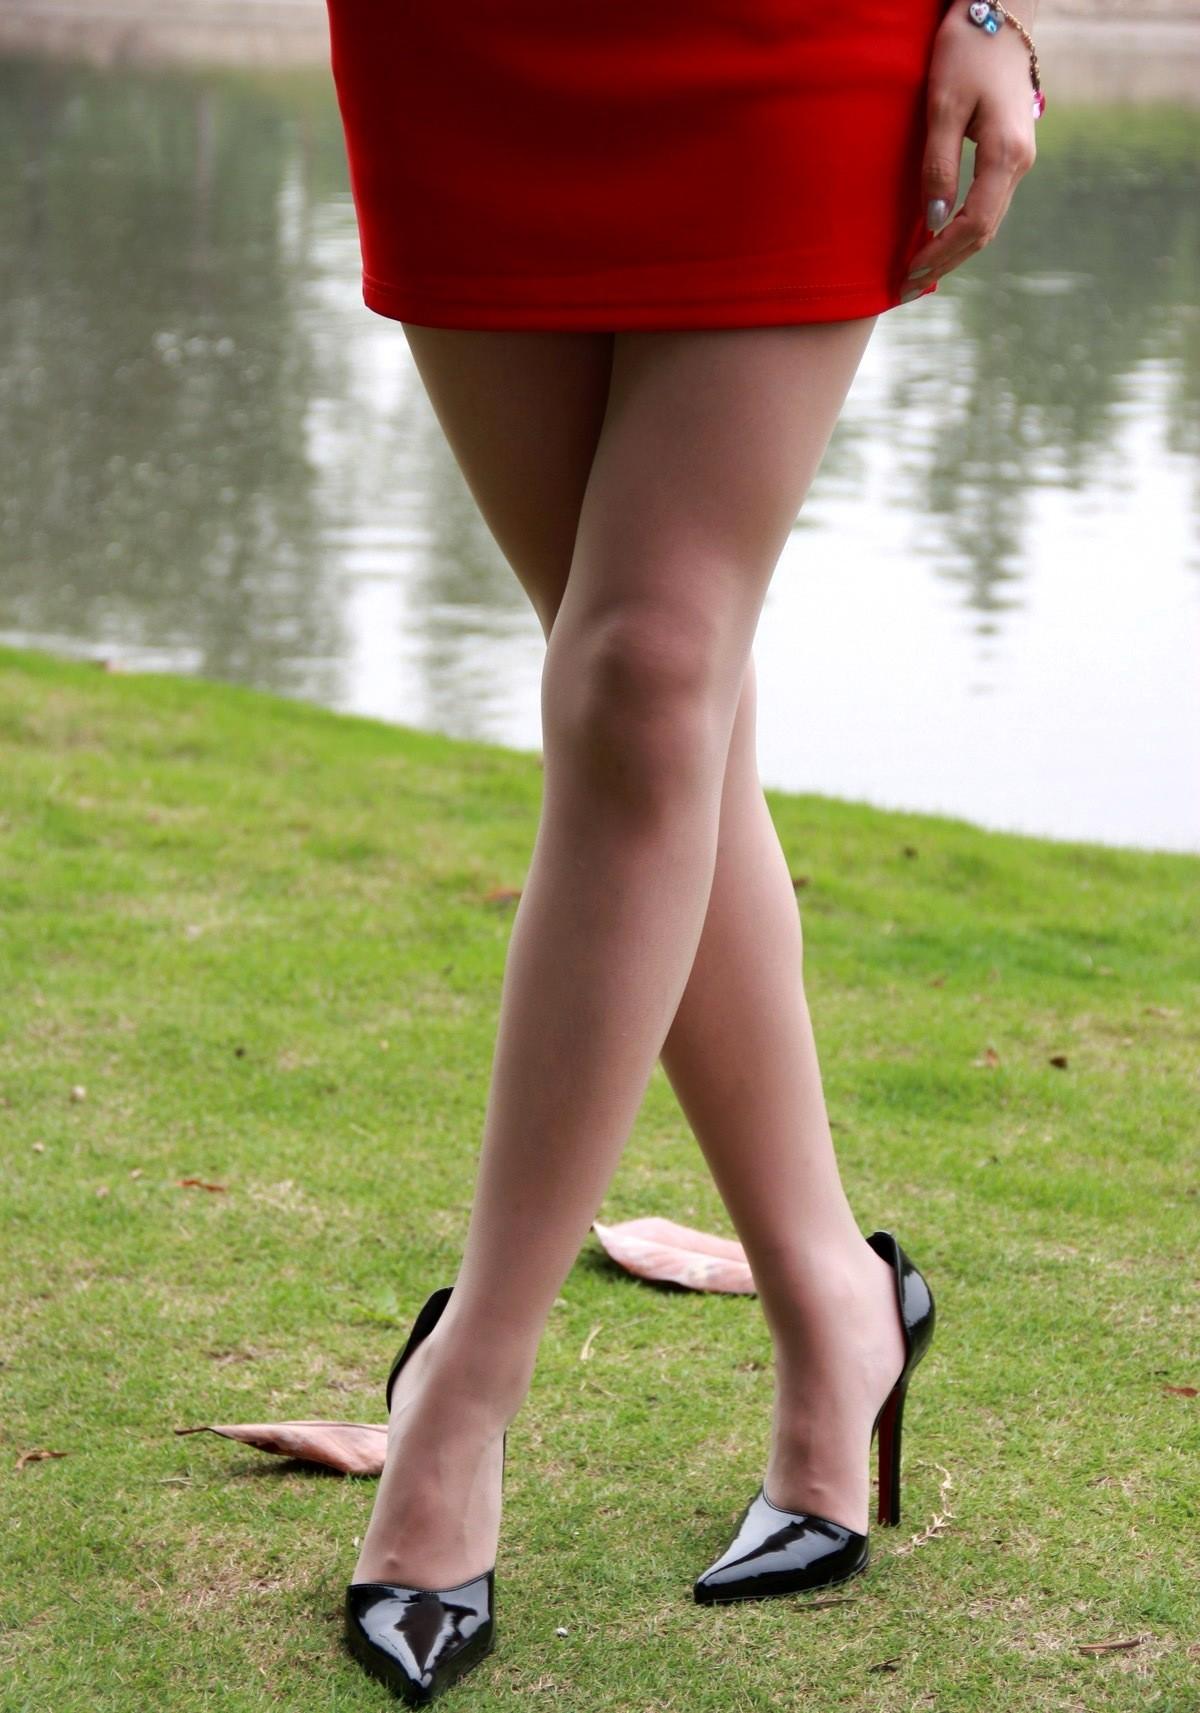 【美脚微エロ画像】交差させると何故かイヤらしさが際立つ内股女子のムッチリ美脚www 19